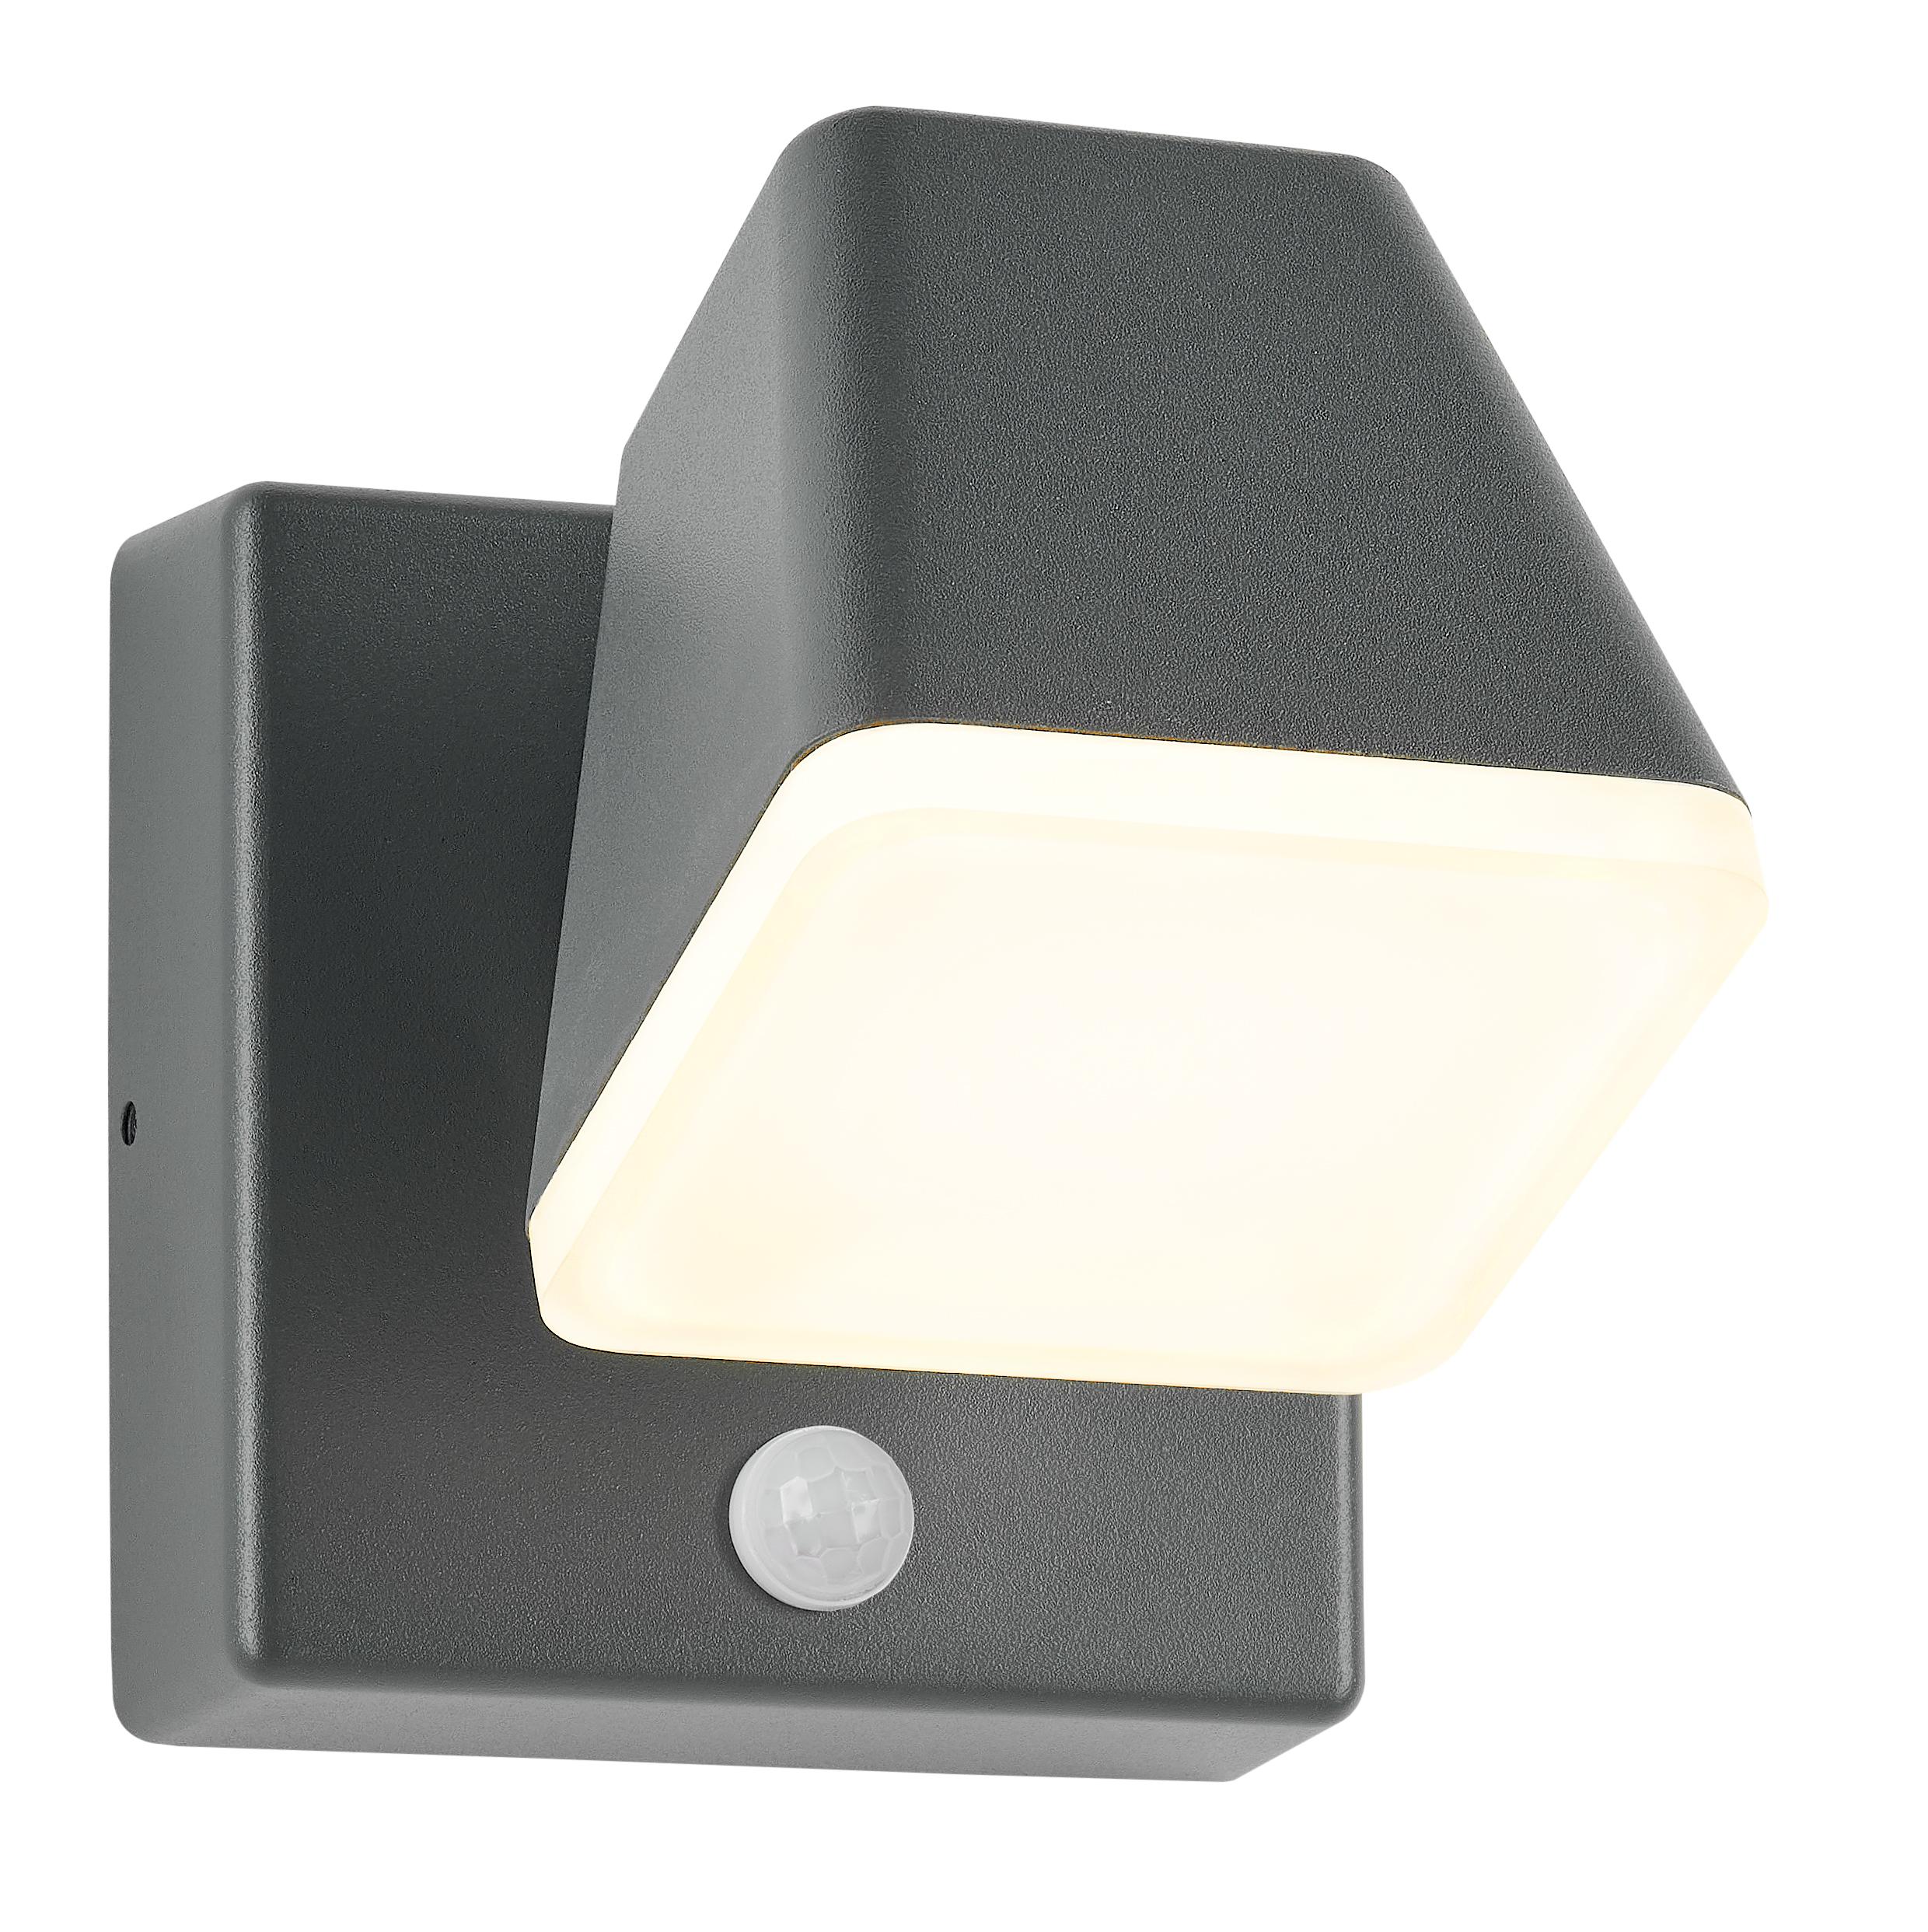 1 Stk Zeta LED Square Single PIR 12,5W 800lm 3000K EVG IP54 anthr. LIHGWA33--